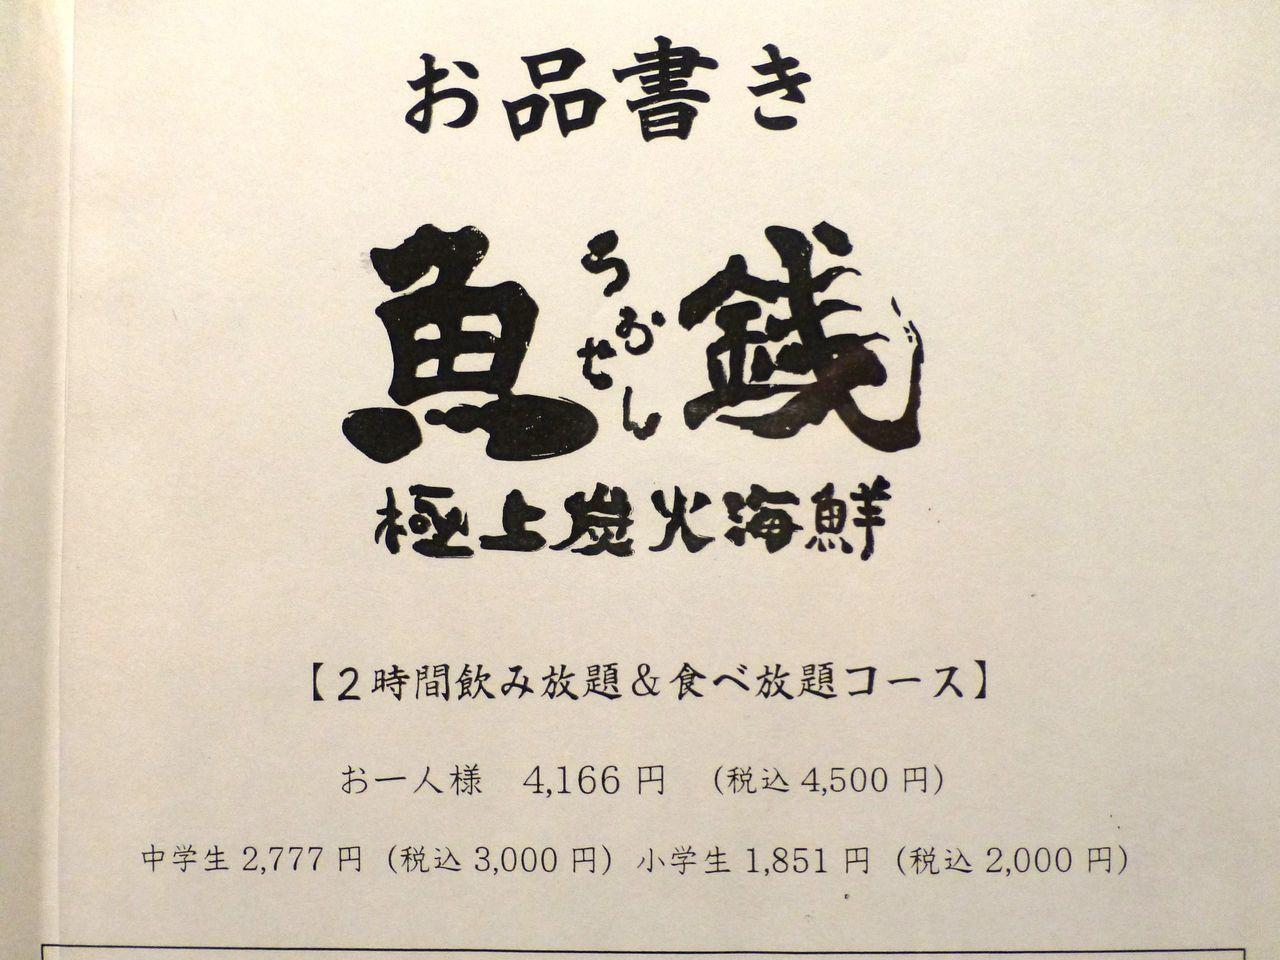 魚銭のメニュー(26年12月現在)